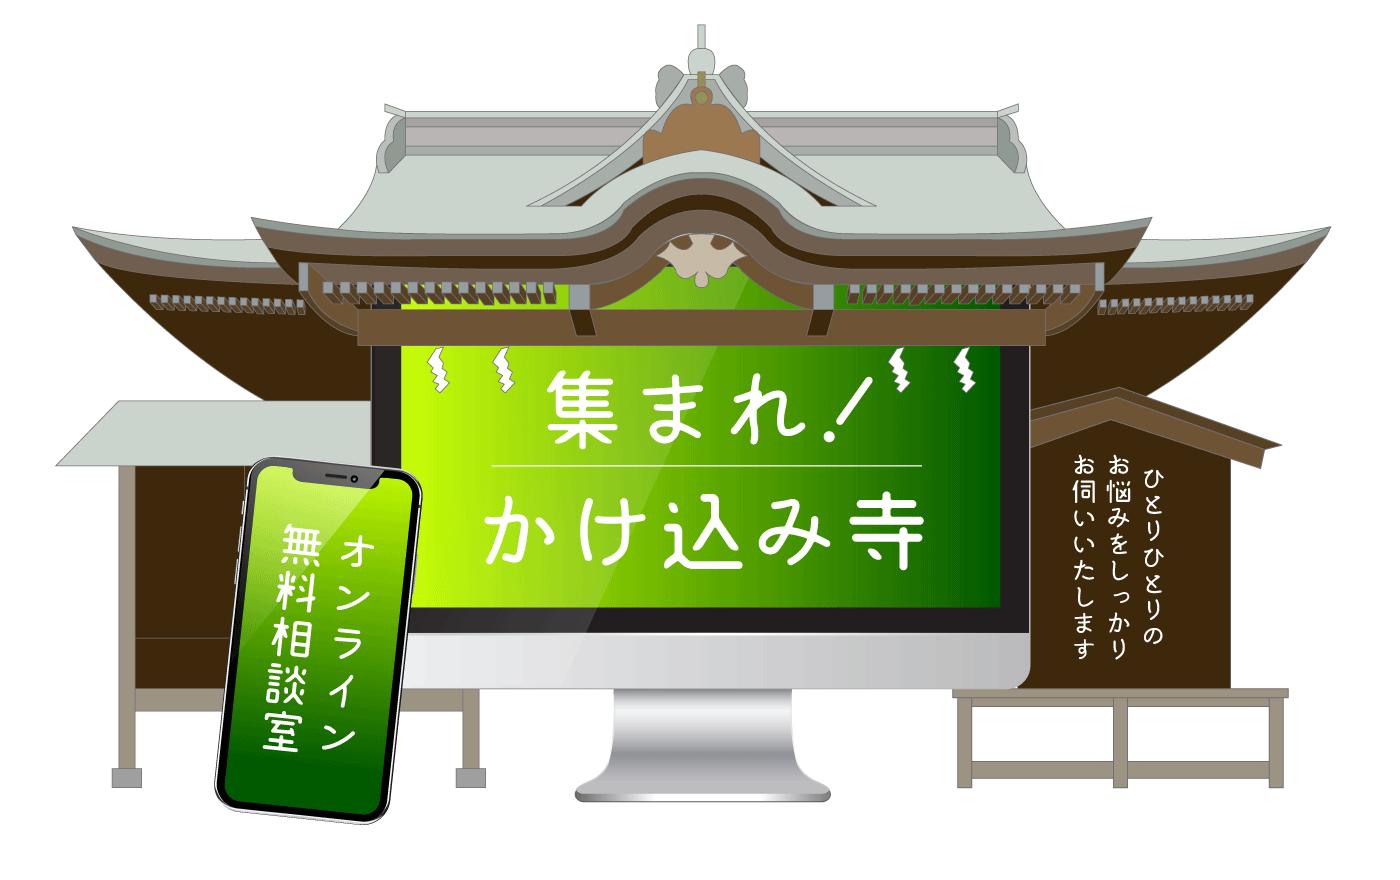 オンライン個別相談会「集まれ!かけ込み寺」